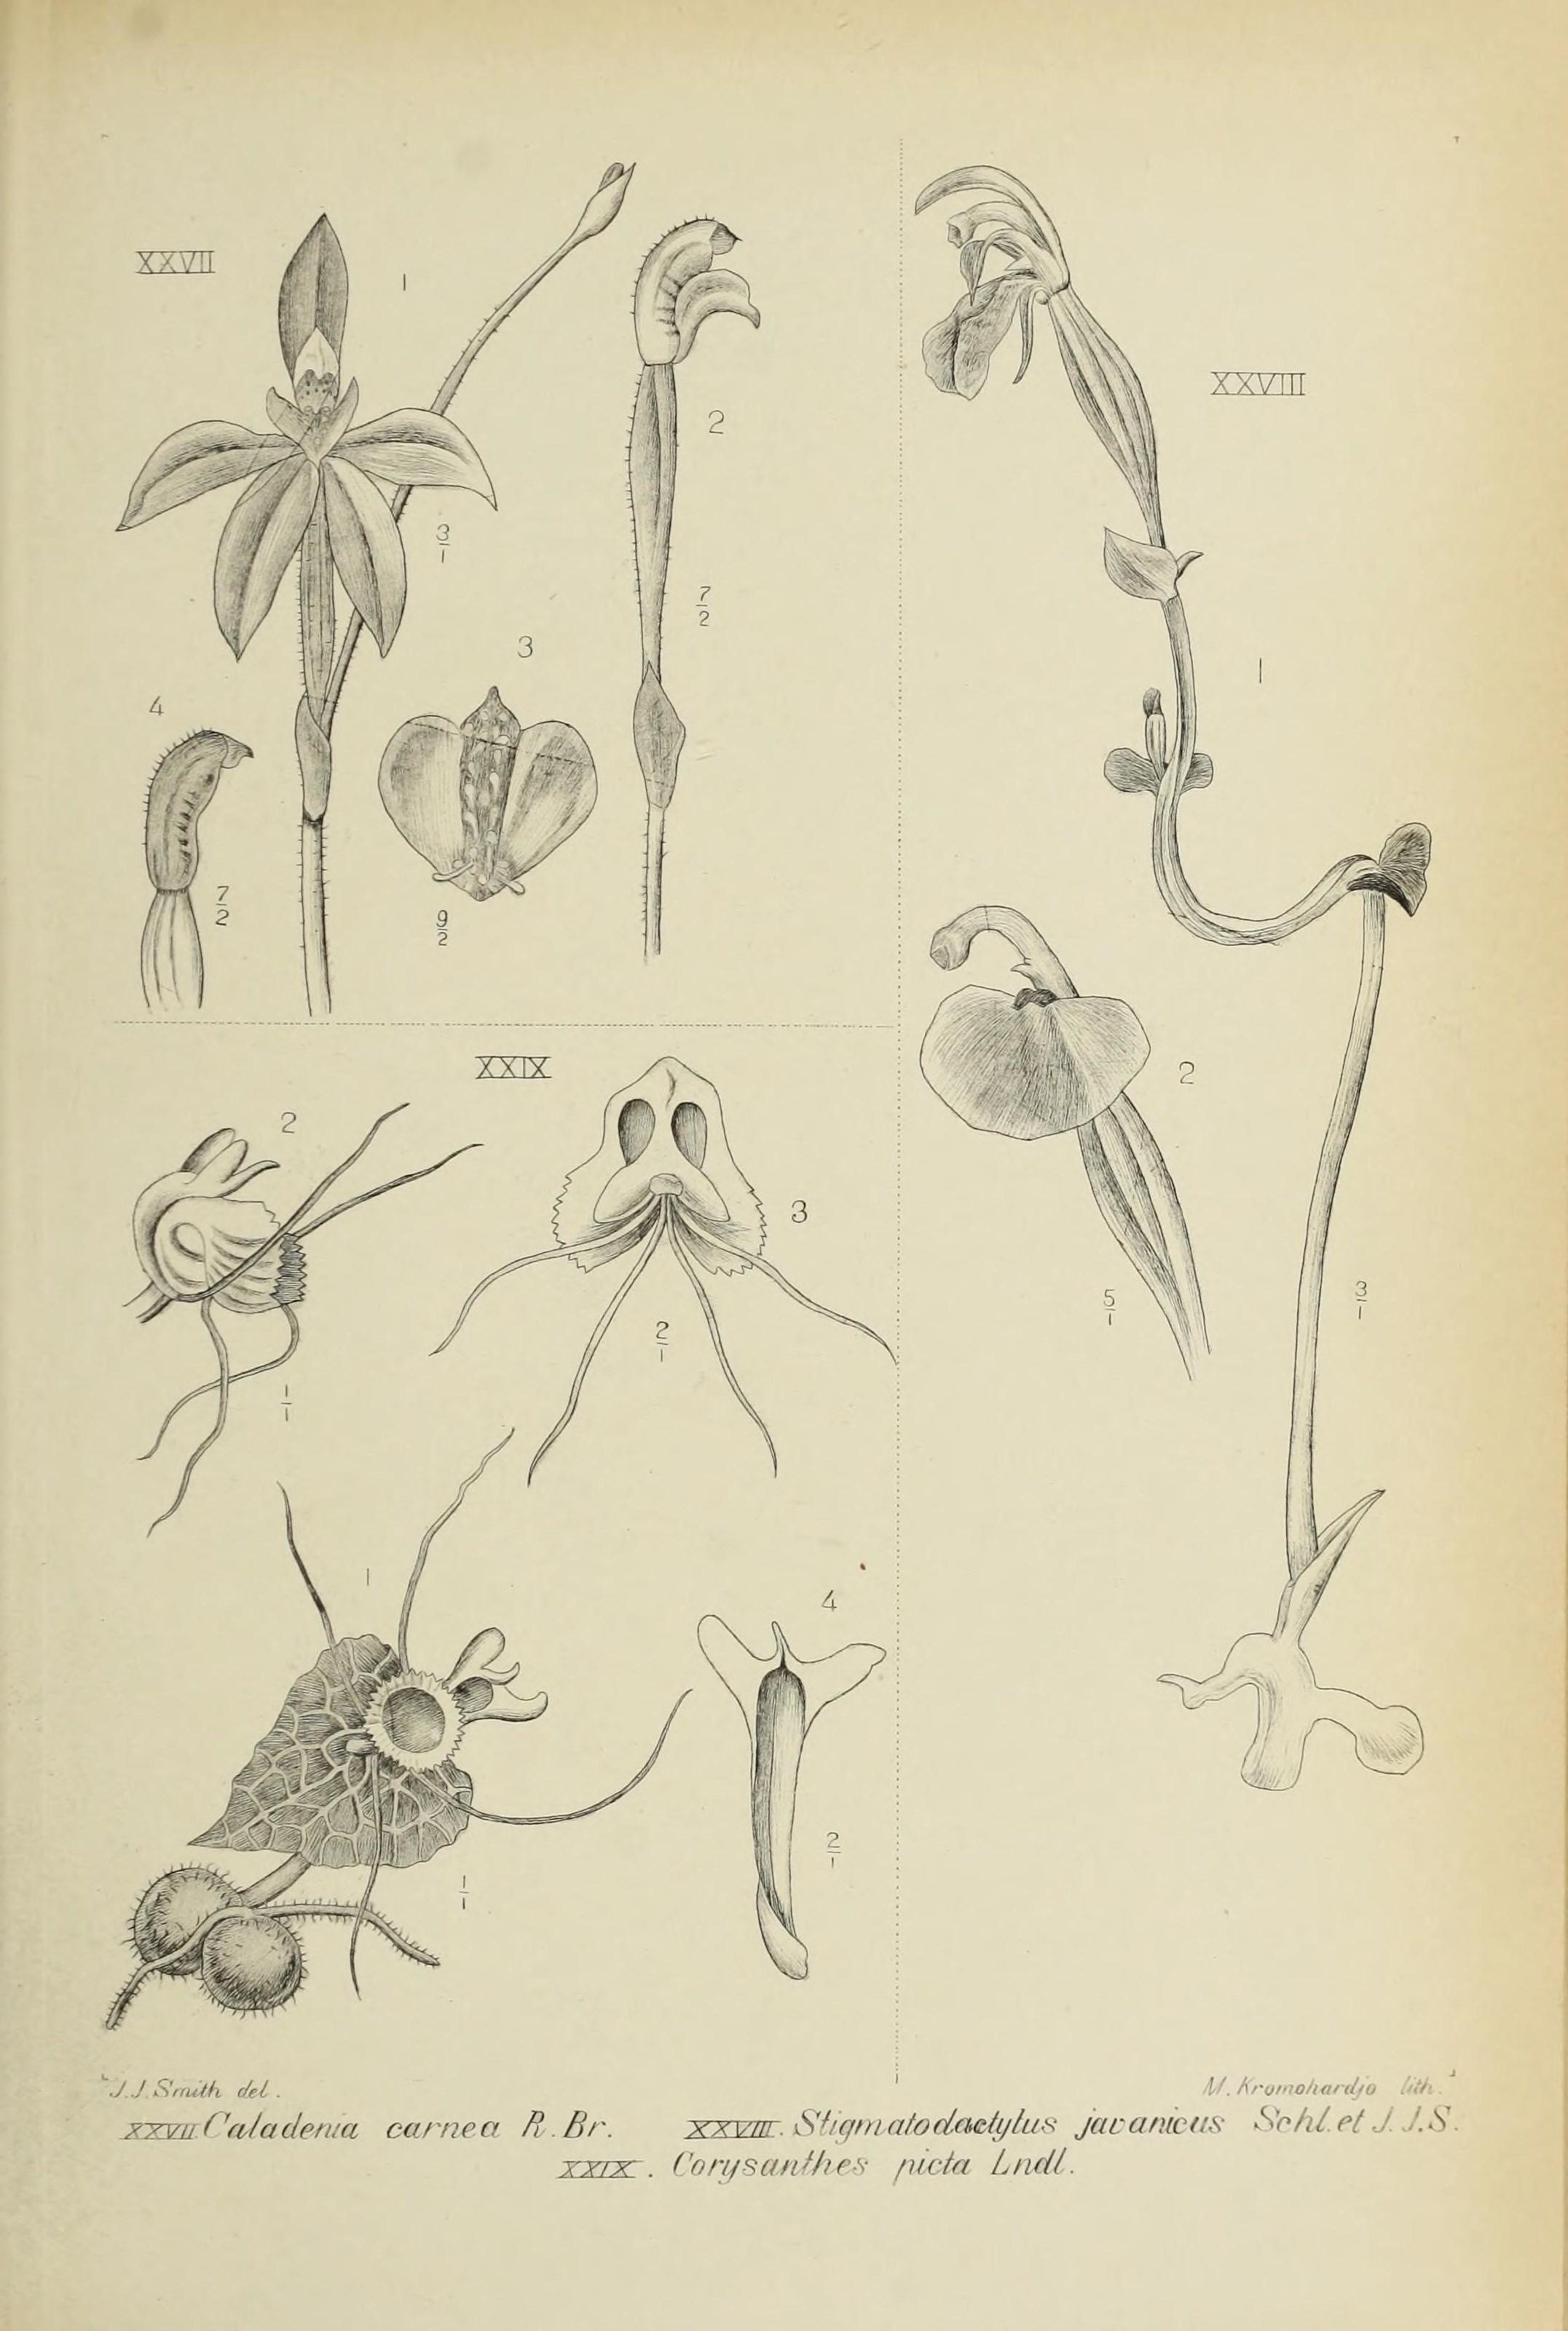 Image of Stigmatodactylus